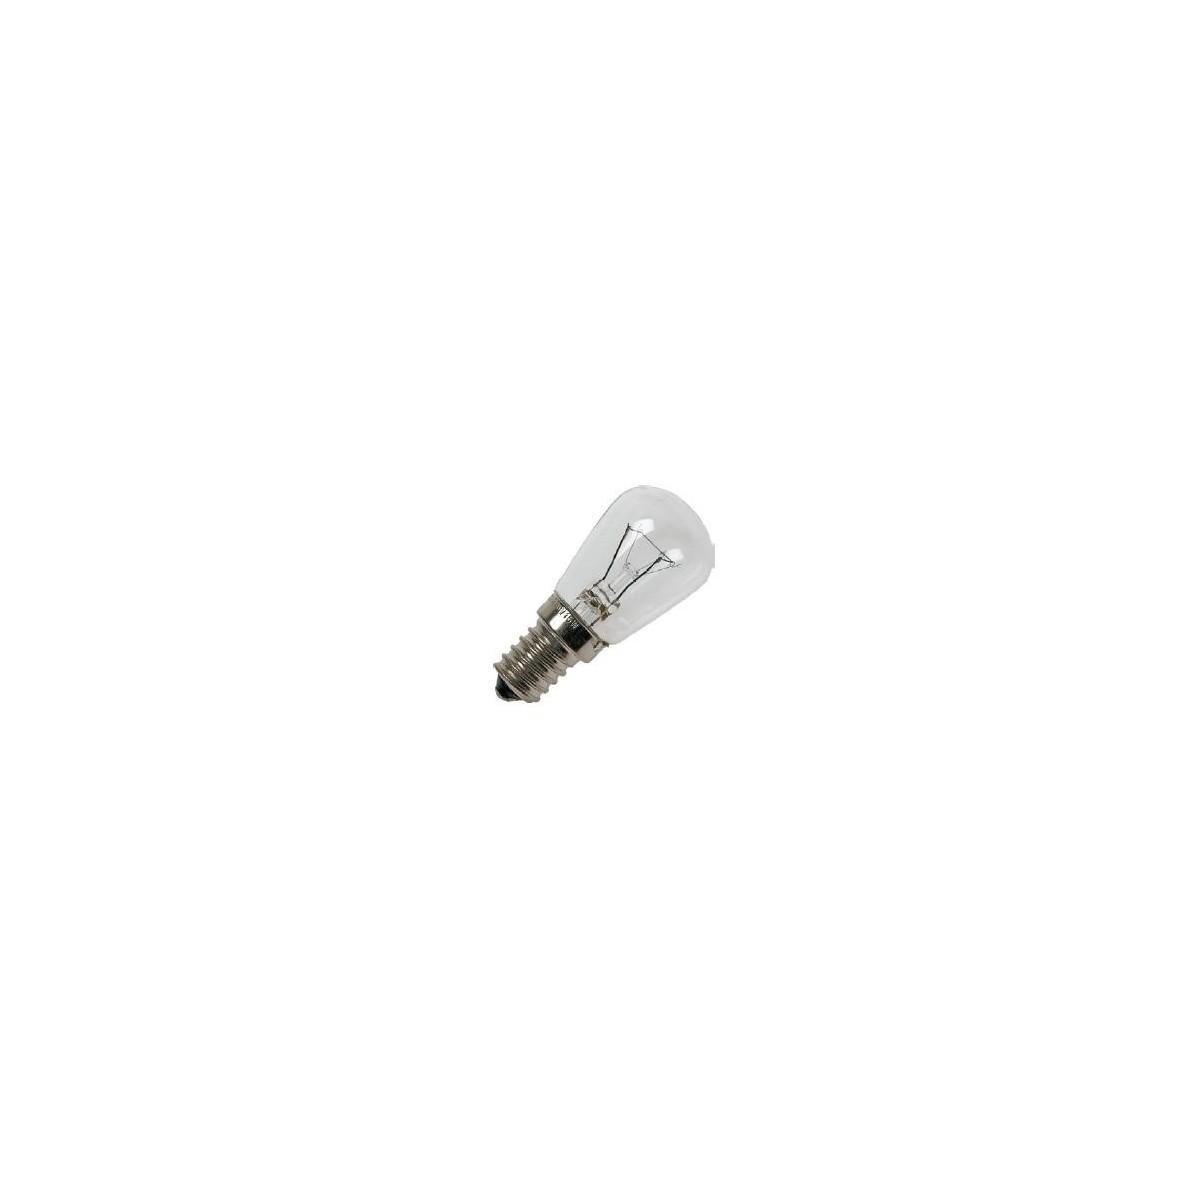 E14 závit P28x63 12/15V 40W CC-6 1500h